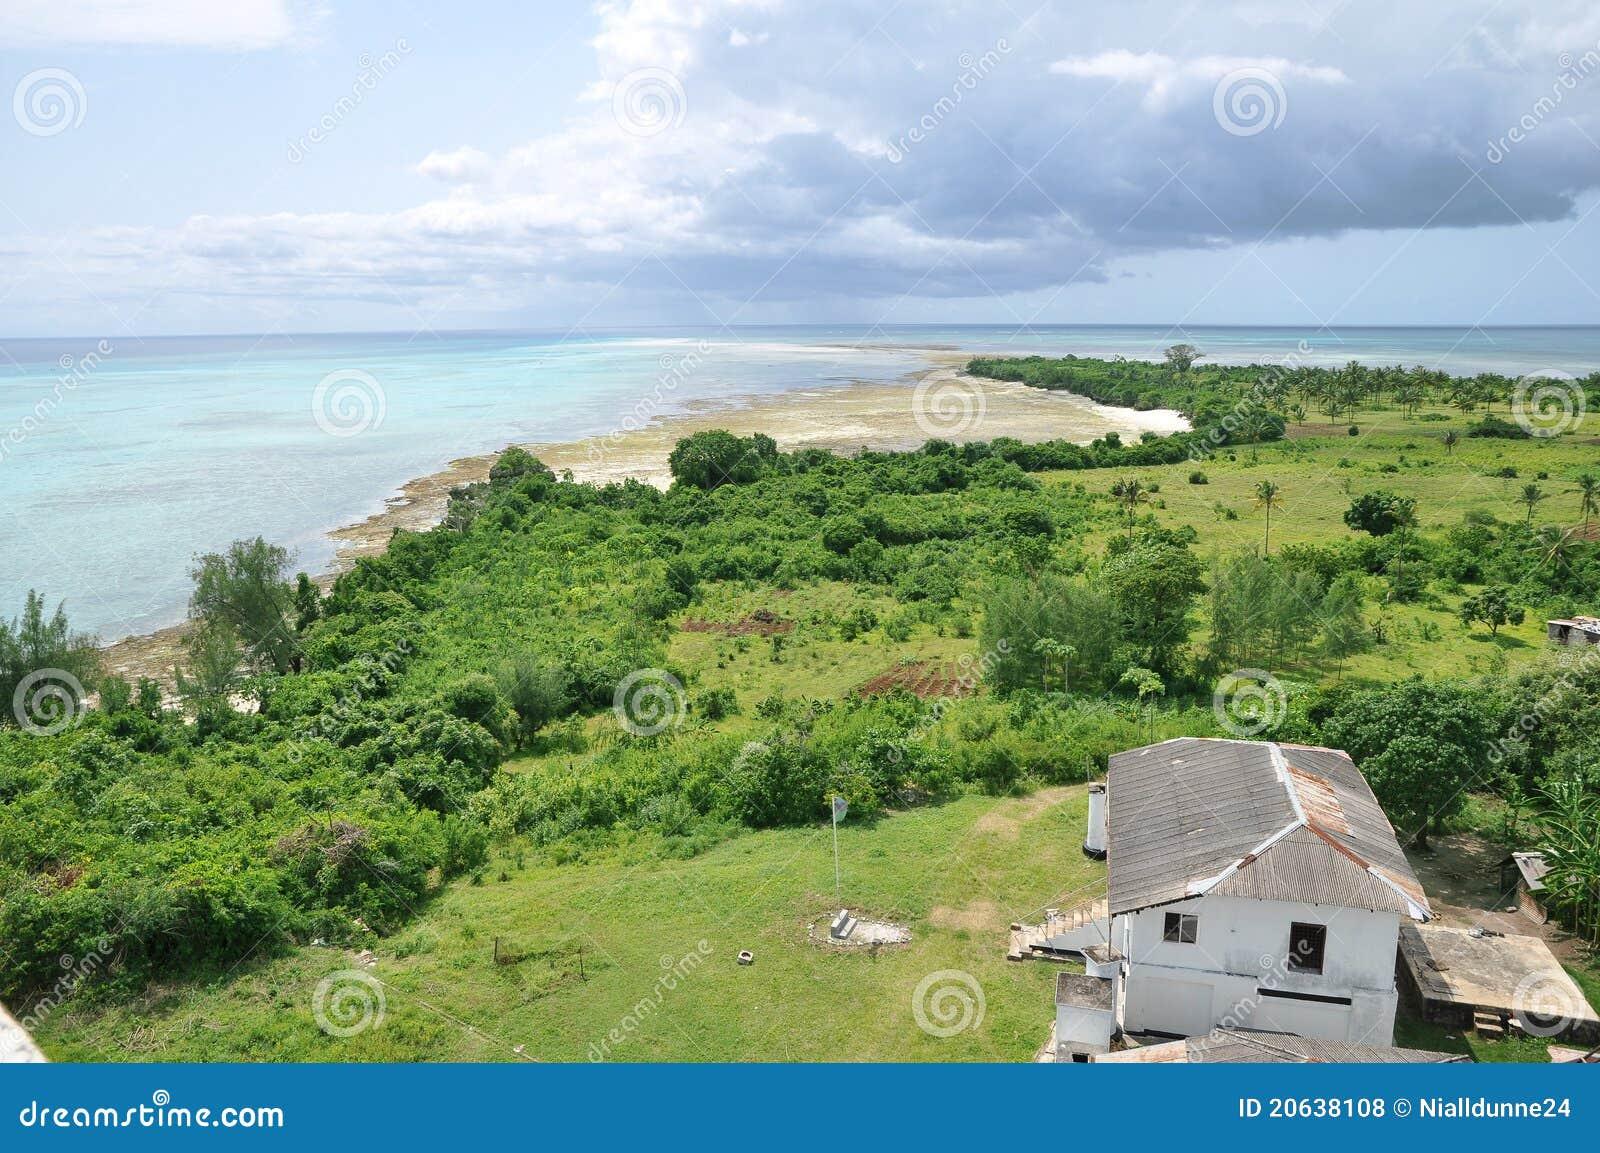 Fly: Zanzibar to Pemba Island